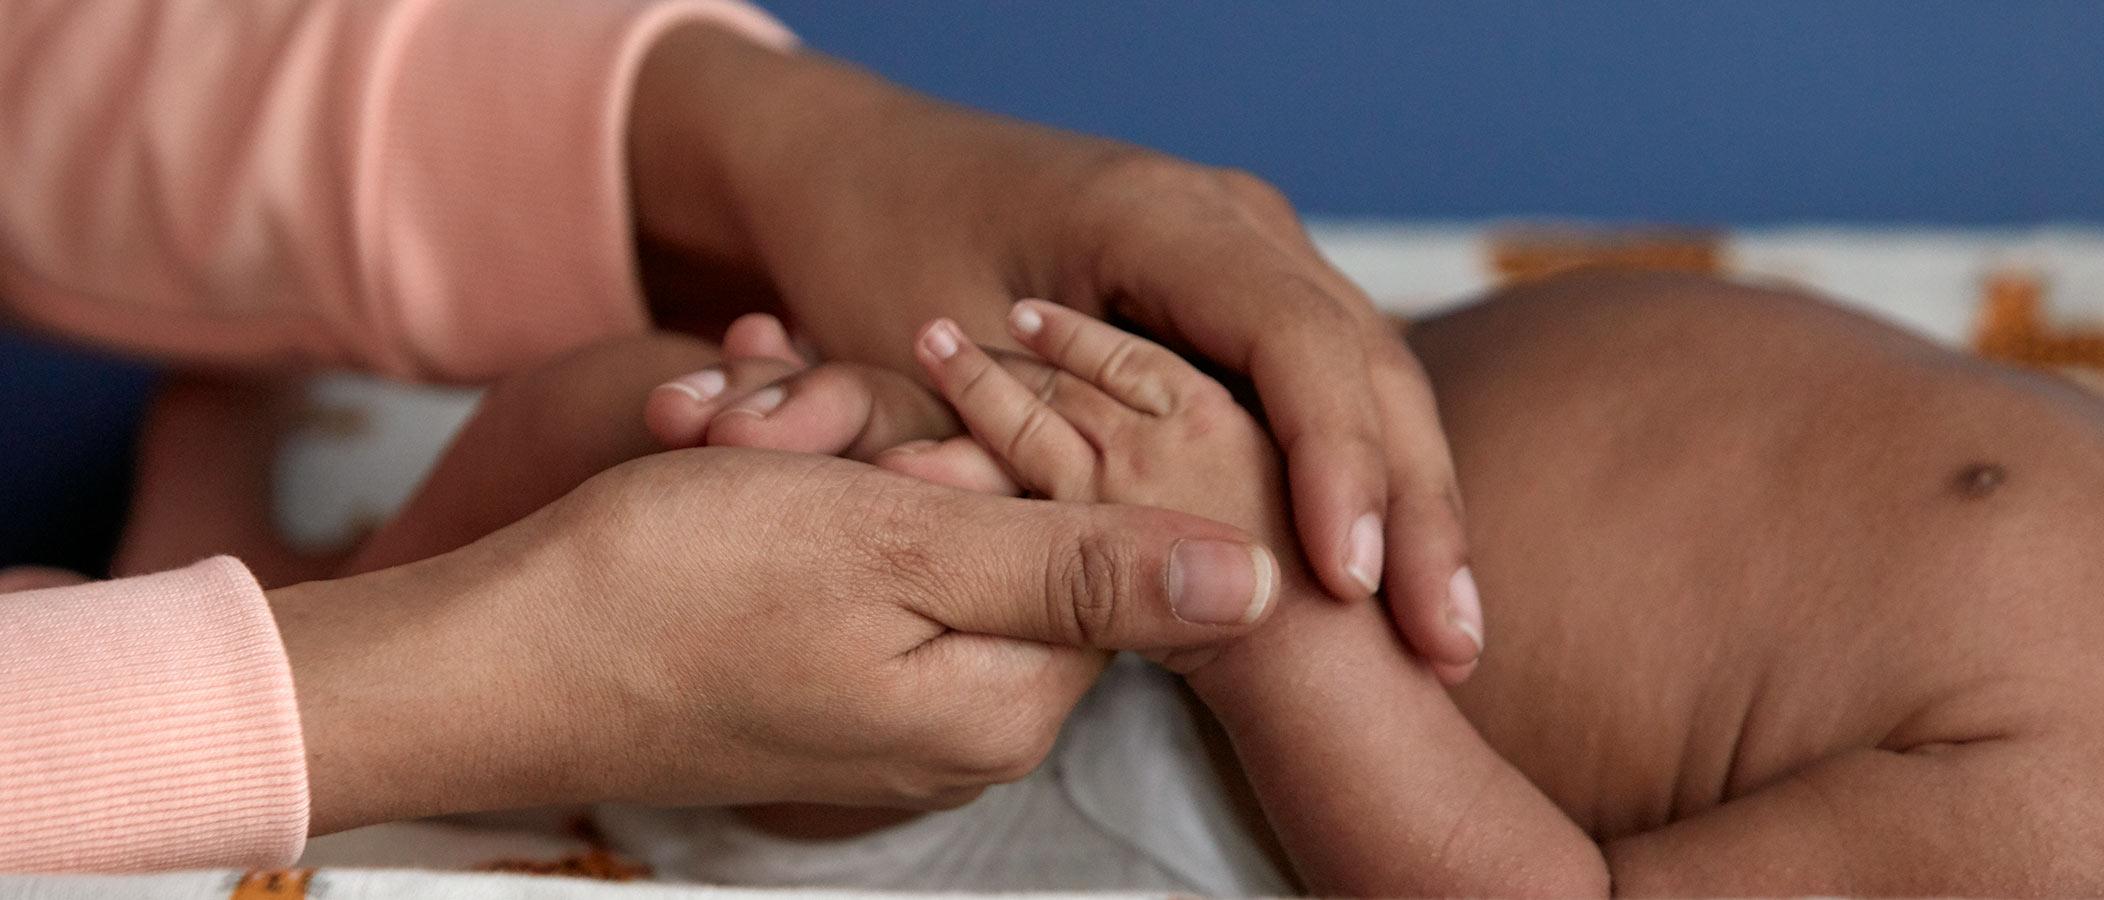 Un nouveau-né se faisant masser la main